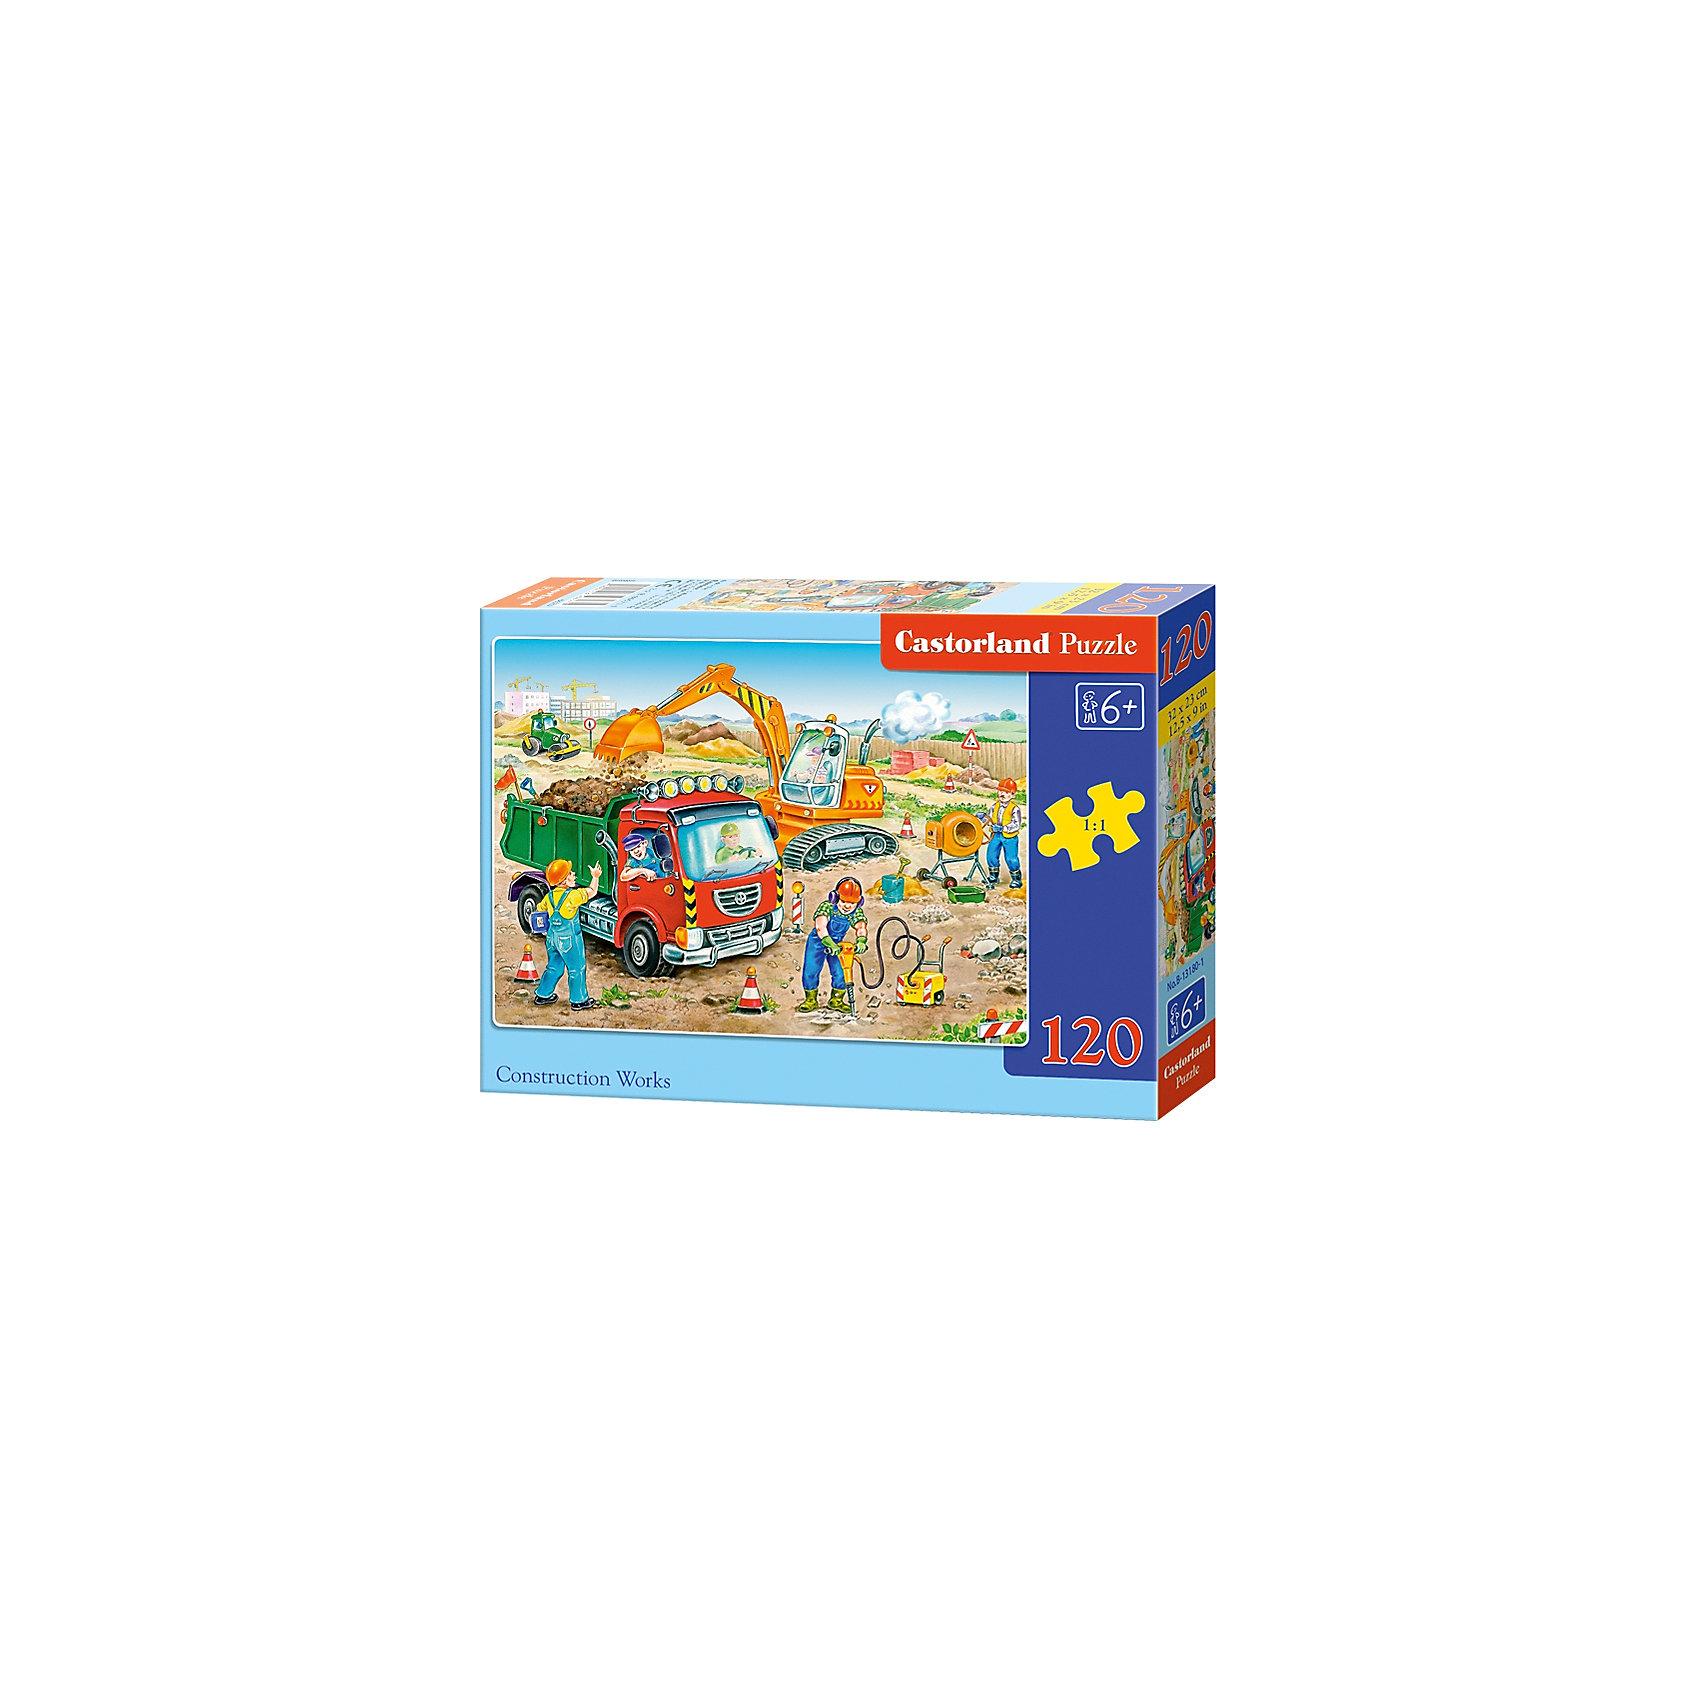 Пазл Castorland Строительные работы, 120 деталейПазлы для детей постарше<br>Характеристики:<br><br>• возраст: от 6 лет<br>• количество деталей: 120 шт.<br>• размер собранного пазла: 32х23 см.<br>• материал: картон<br>• упаковка: картонная коробка<br>• размер упаковки: 17,5x3,7x13 см.<br>• вес: 300 гр.<br>• страна обладатель бренда: Польша<br><br>Пазл «Строительные работы» от Castorland (Касторленд) отличается высоким качеством, высоким уровнем полиграфии, насыщенными цветами и идеальной стыковкой элементов. Из 120 элементов пазла ребенок соберет красочную картинку с изображением различной строительной техники и бригады людей, работающих на стройплощадке.<br><br>Пазл Строительные работы, 120 деталей, Castorland (Касторленд) можно купить в нашем интернет-магазине.<br><br>Ширина мм: 175<br>Глубина мм: 130<br>Высота мм: 37<br>Вес г: 300<br>Возраст от месяцев: 72<br>Возраст до месяцев: 2147483647<br>Пол: Мужской<br>Возраст: Детский<br>SKU: 6725093